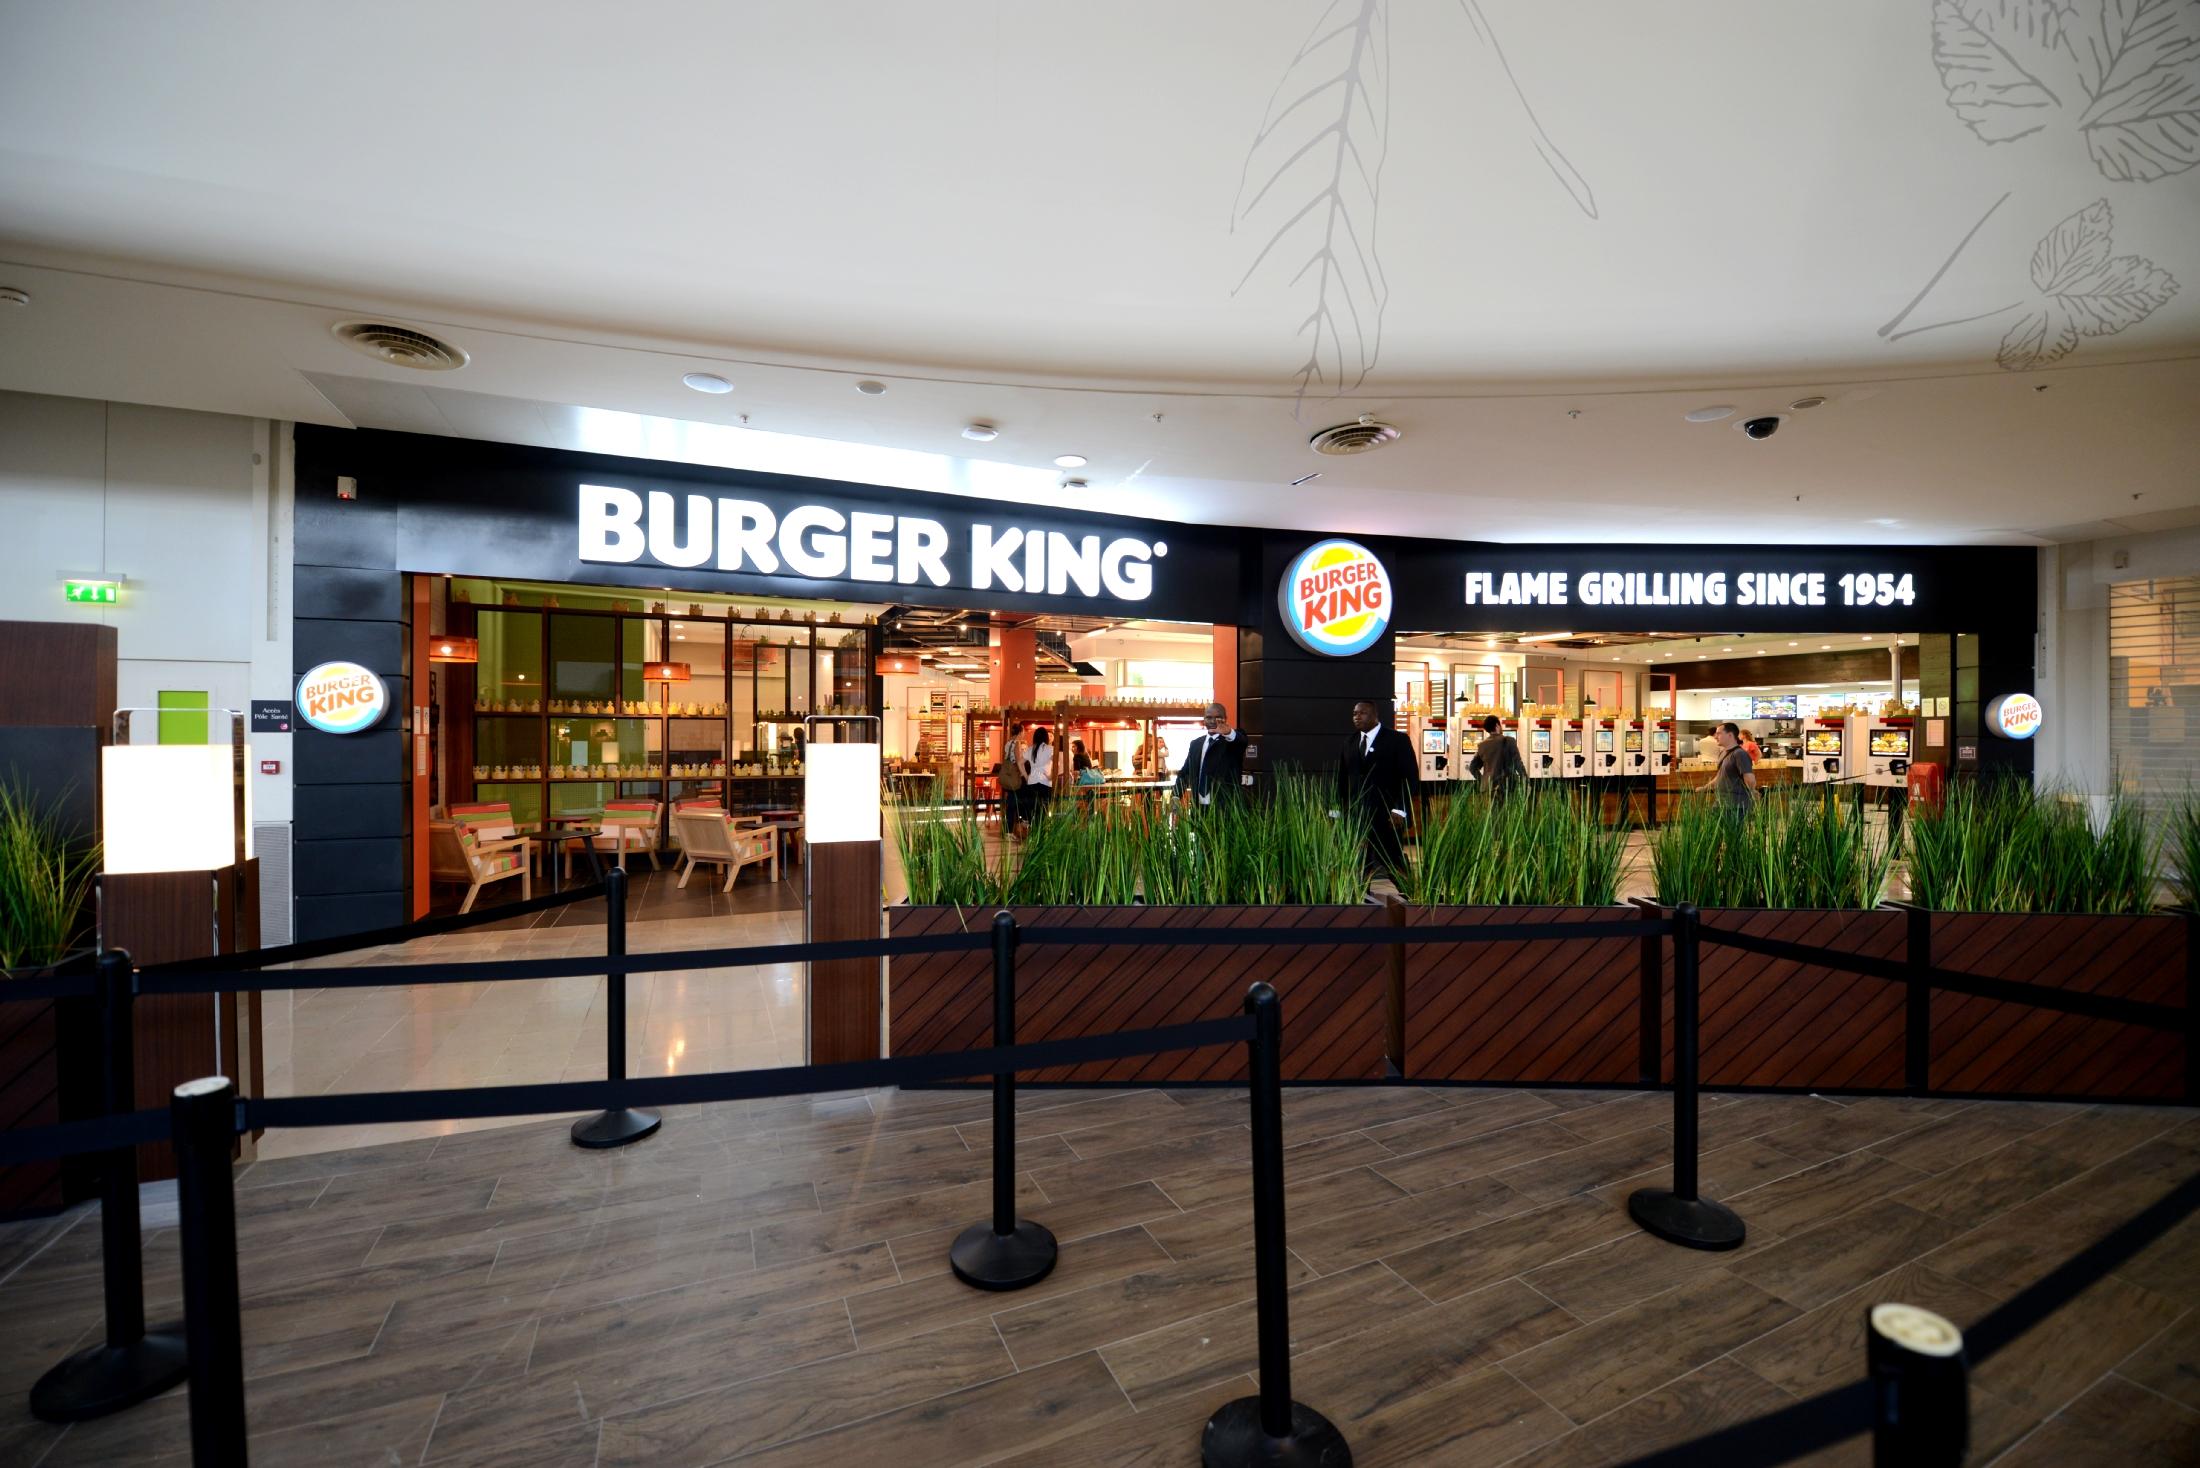 Le burger king de la d fense sert ses premiers clients aux 4 temps defense - La defense les quatre temps ...